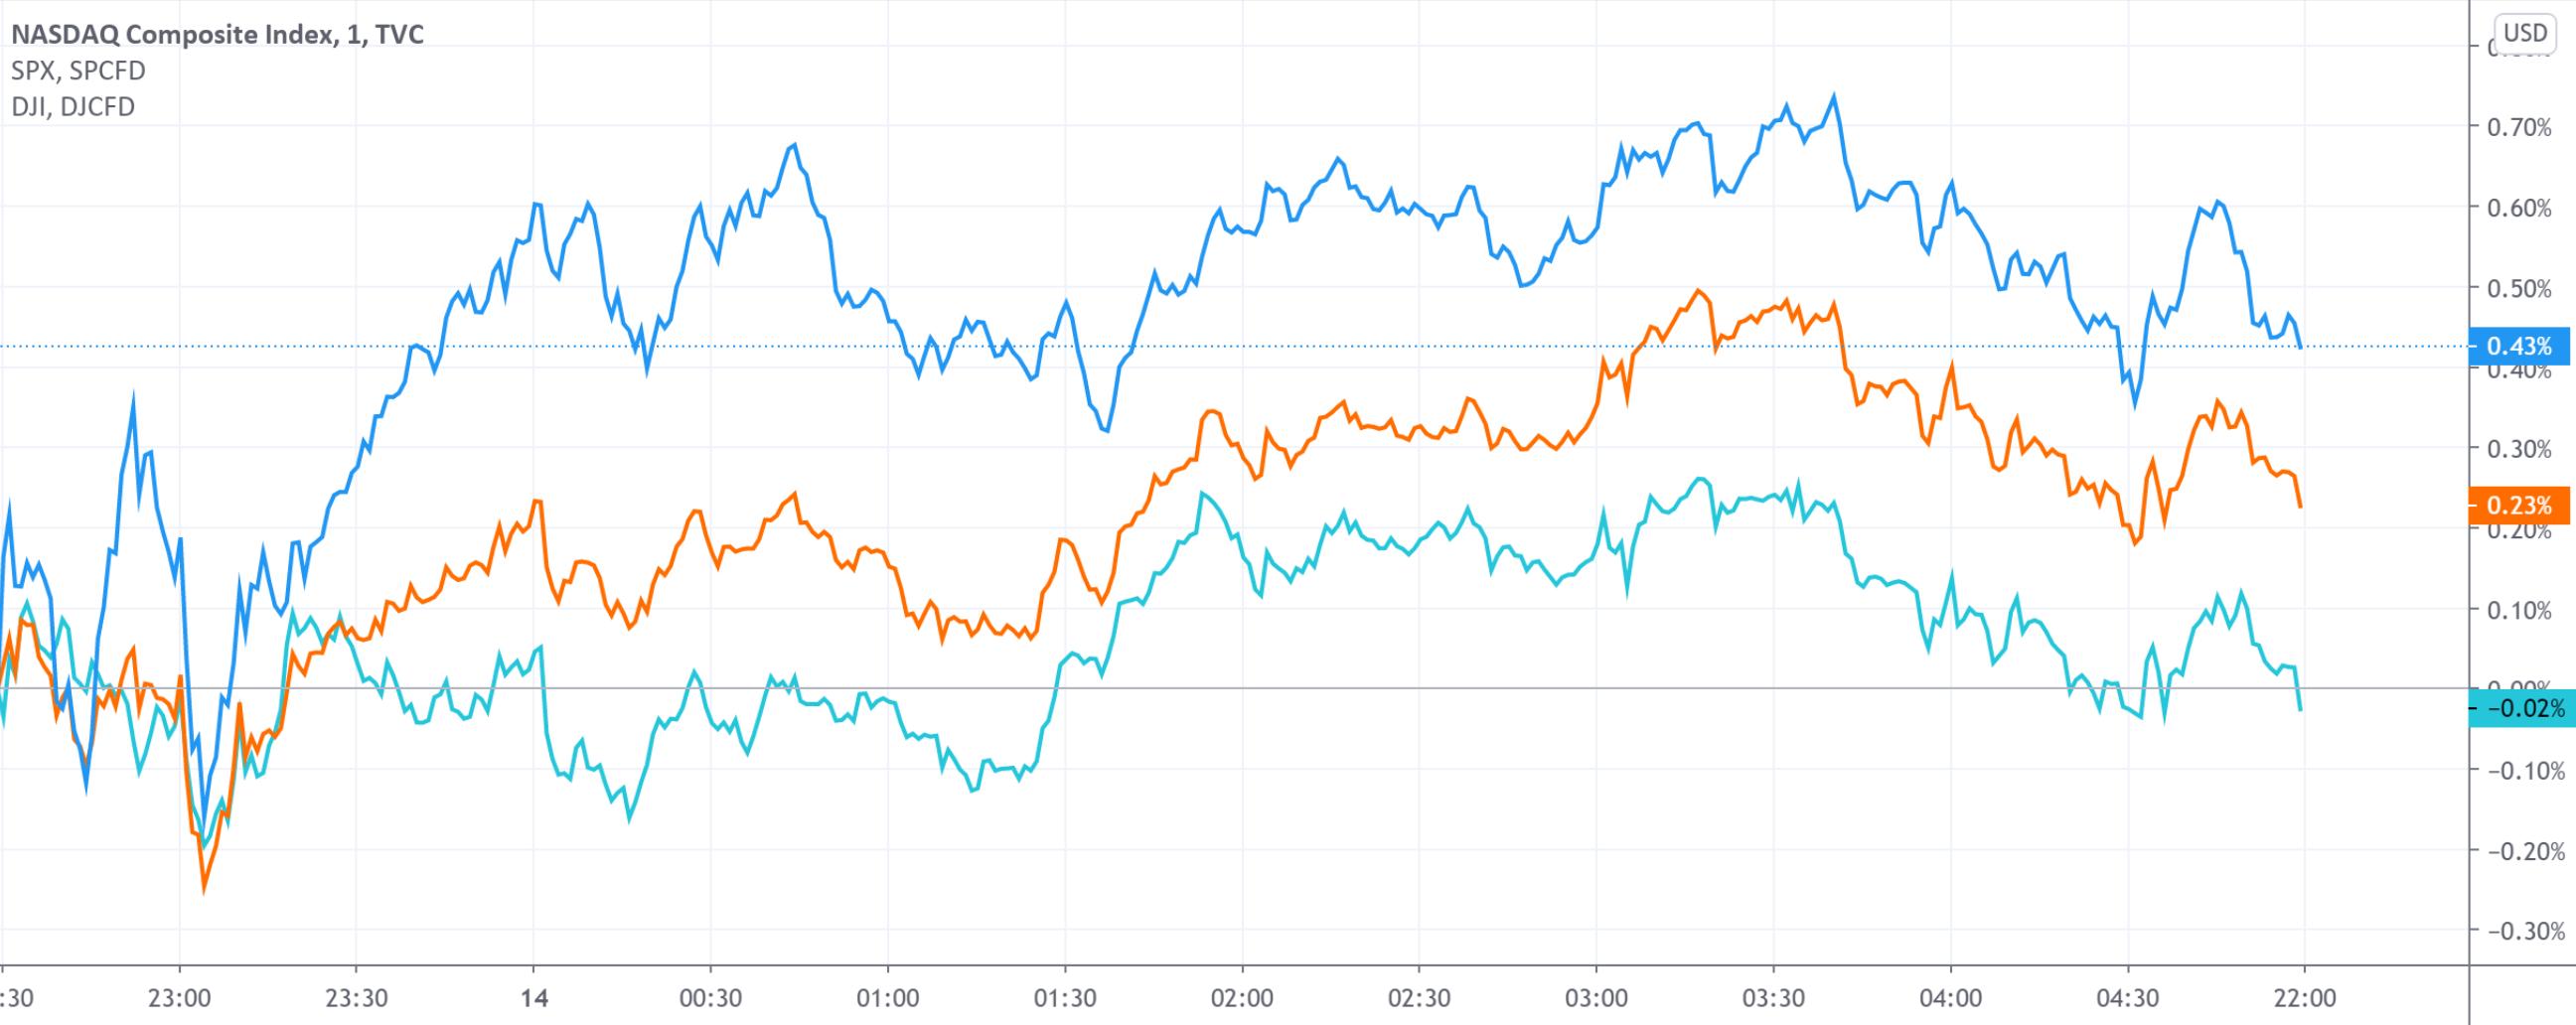 美股收盘:三大股指涨跌互现 科技龙头集体反弹